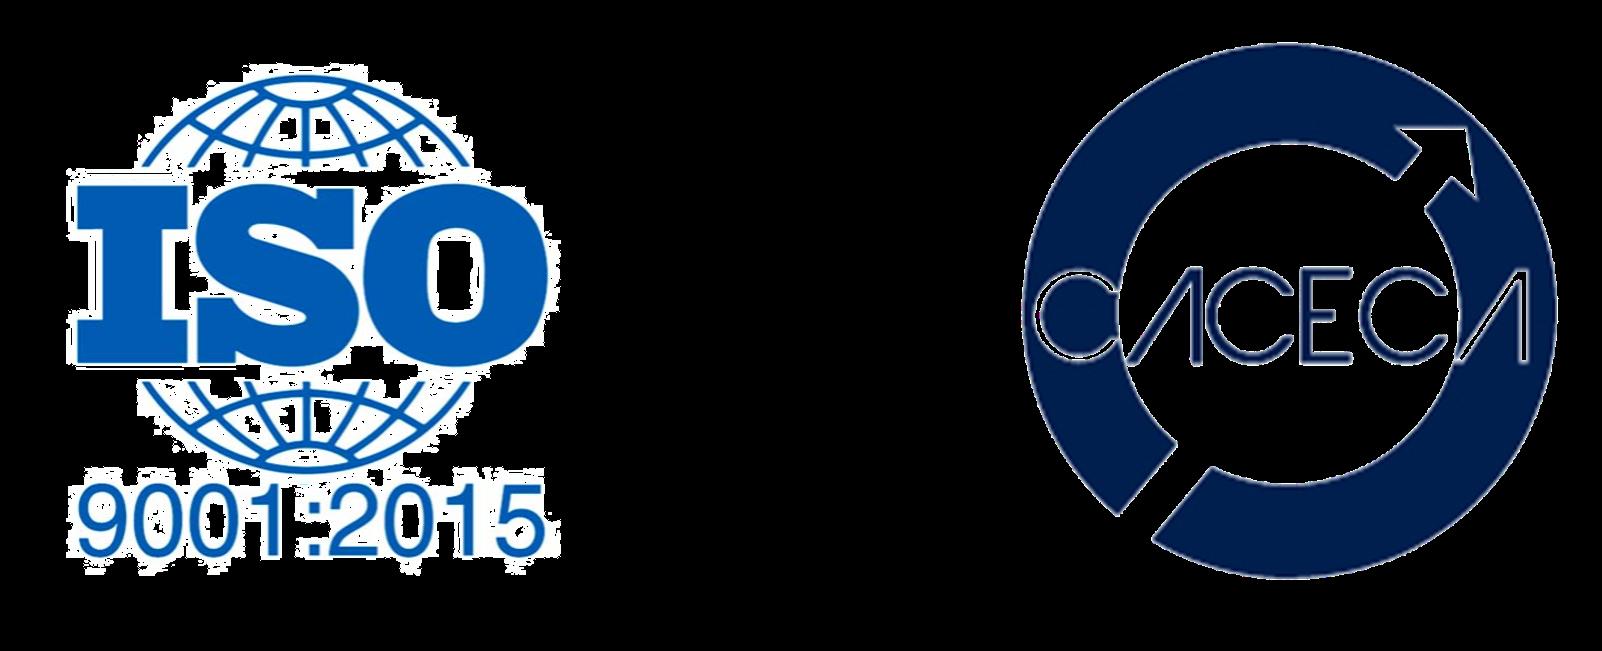 ISO 9001:2015 y CACECA